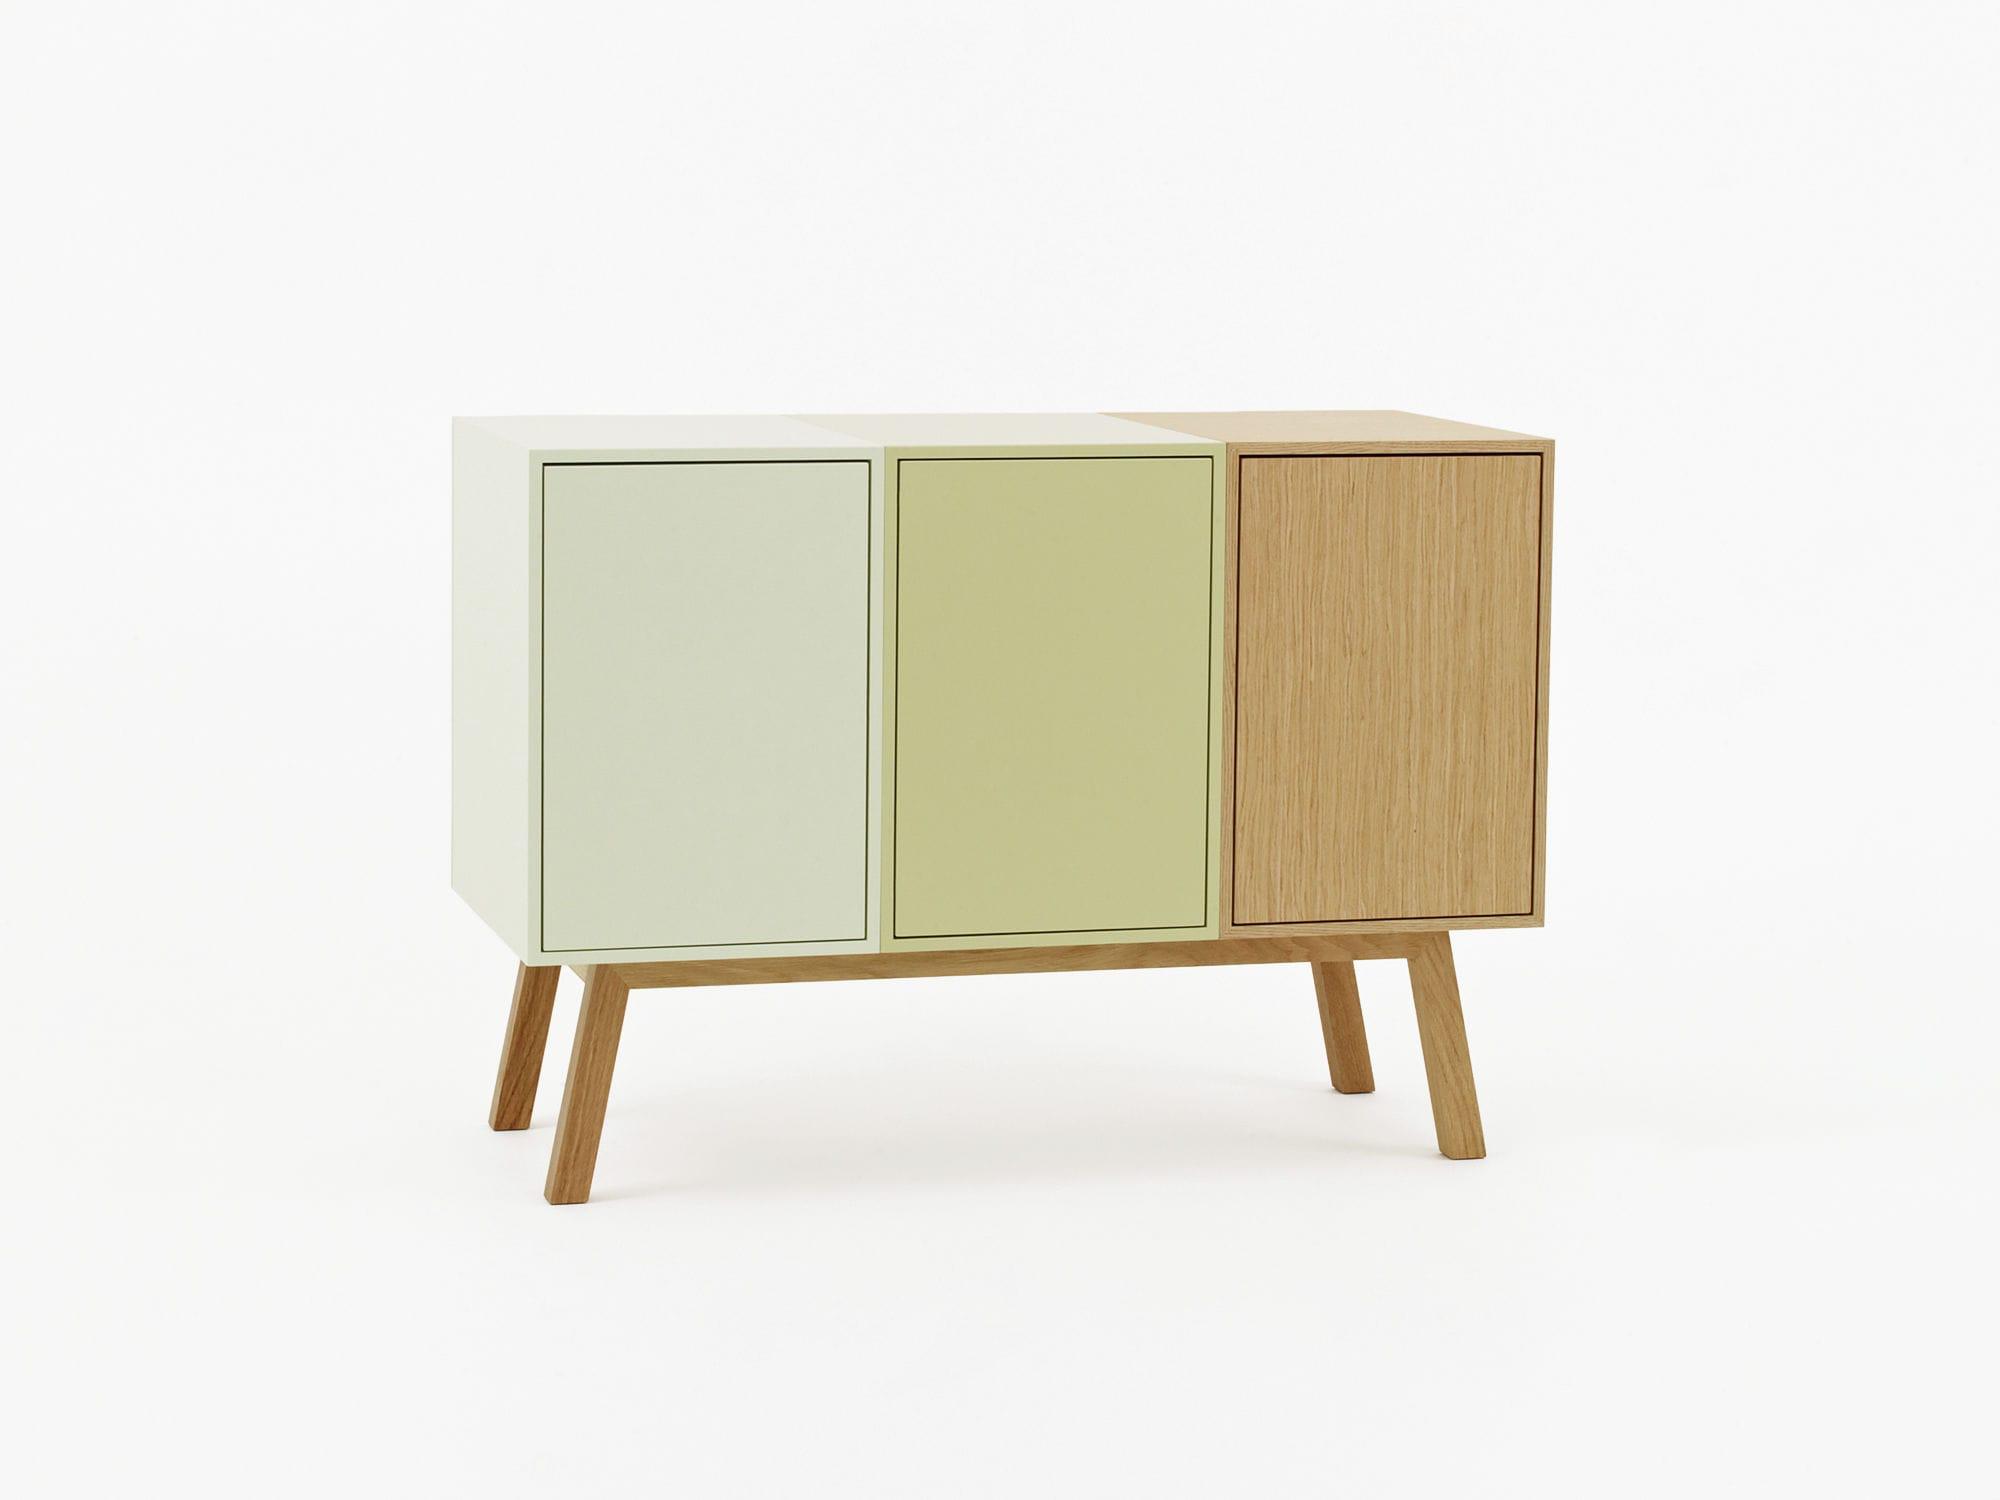 Credenza Moderna Anni 60 : Credenza moderna in legno laccato mdf